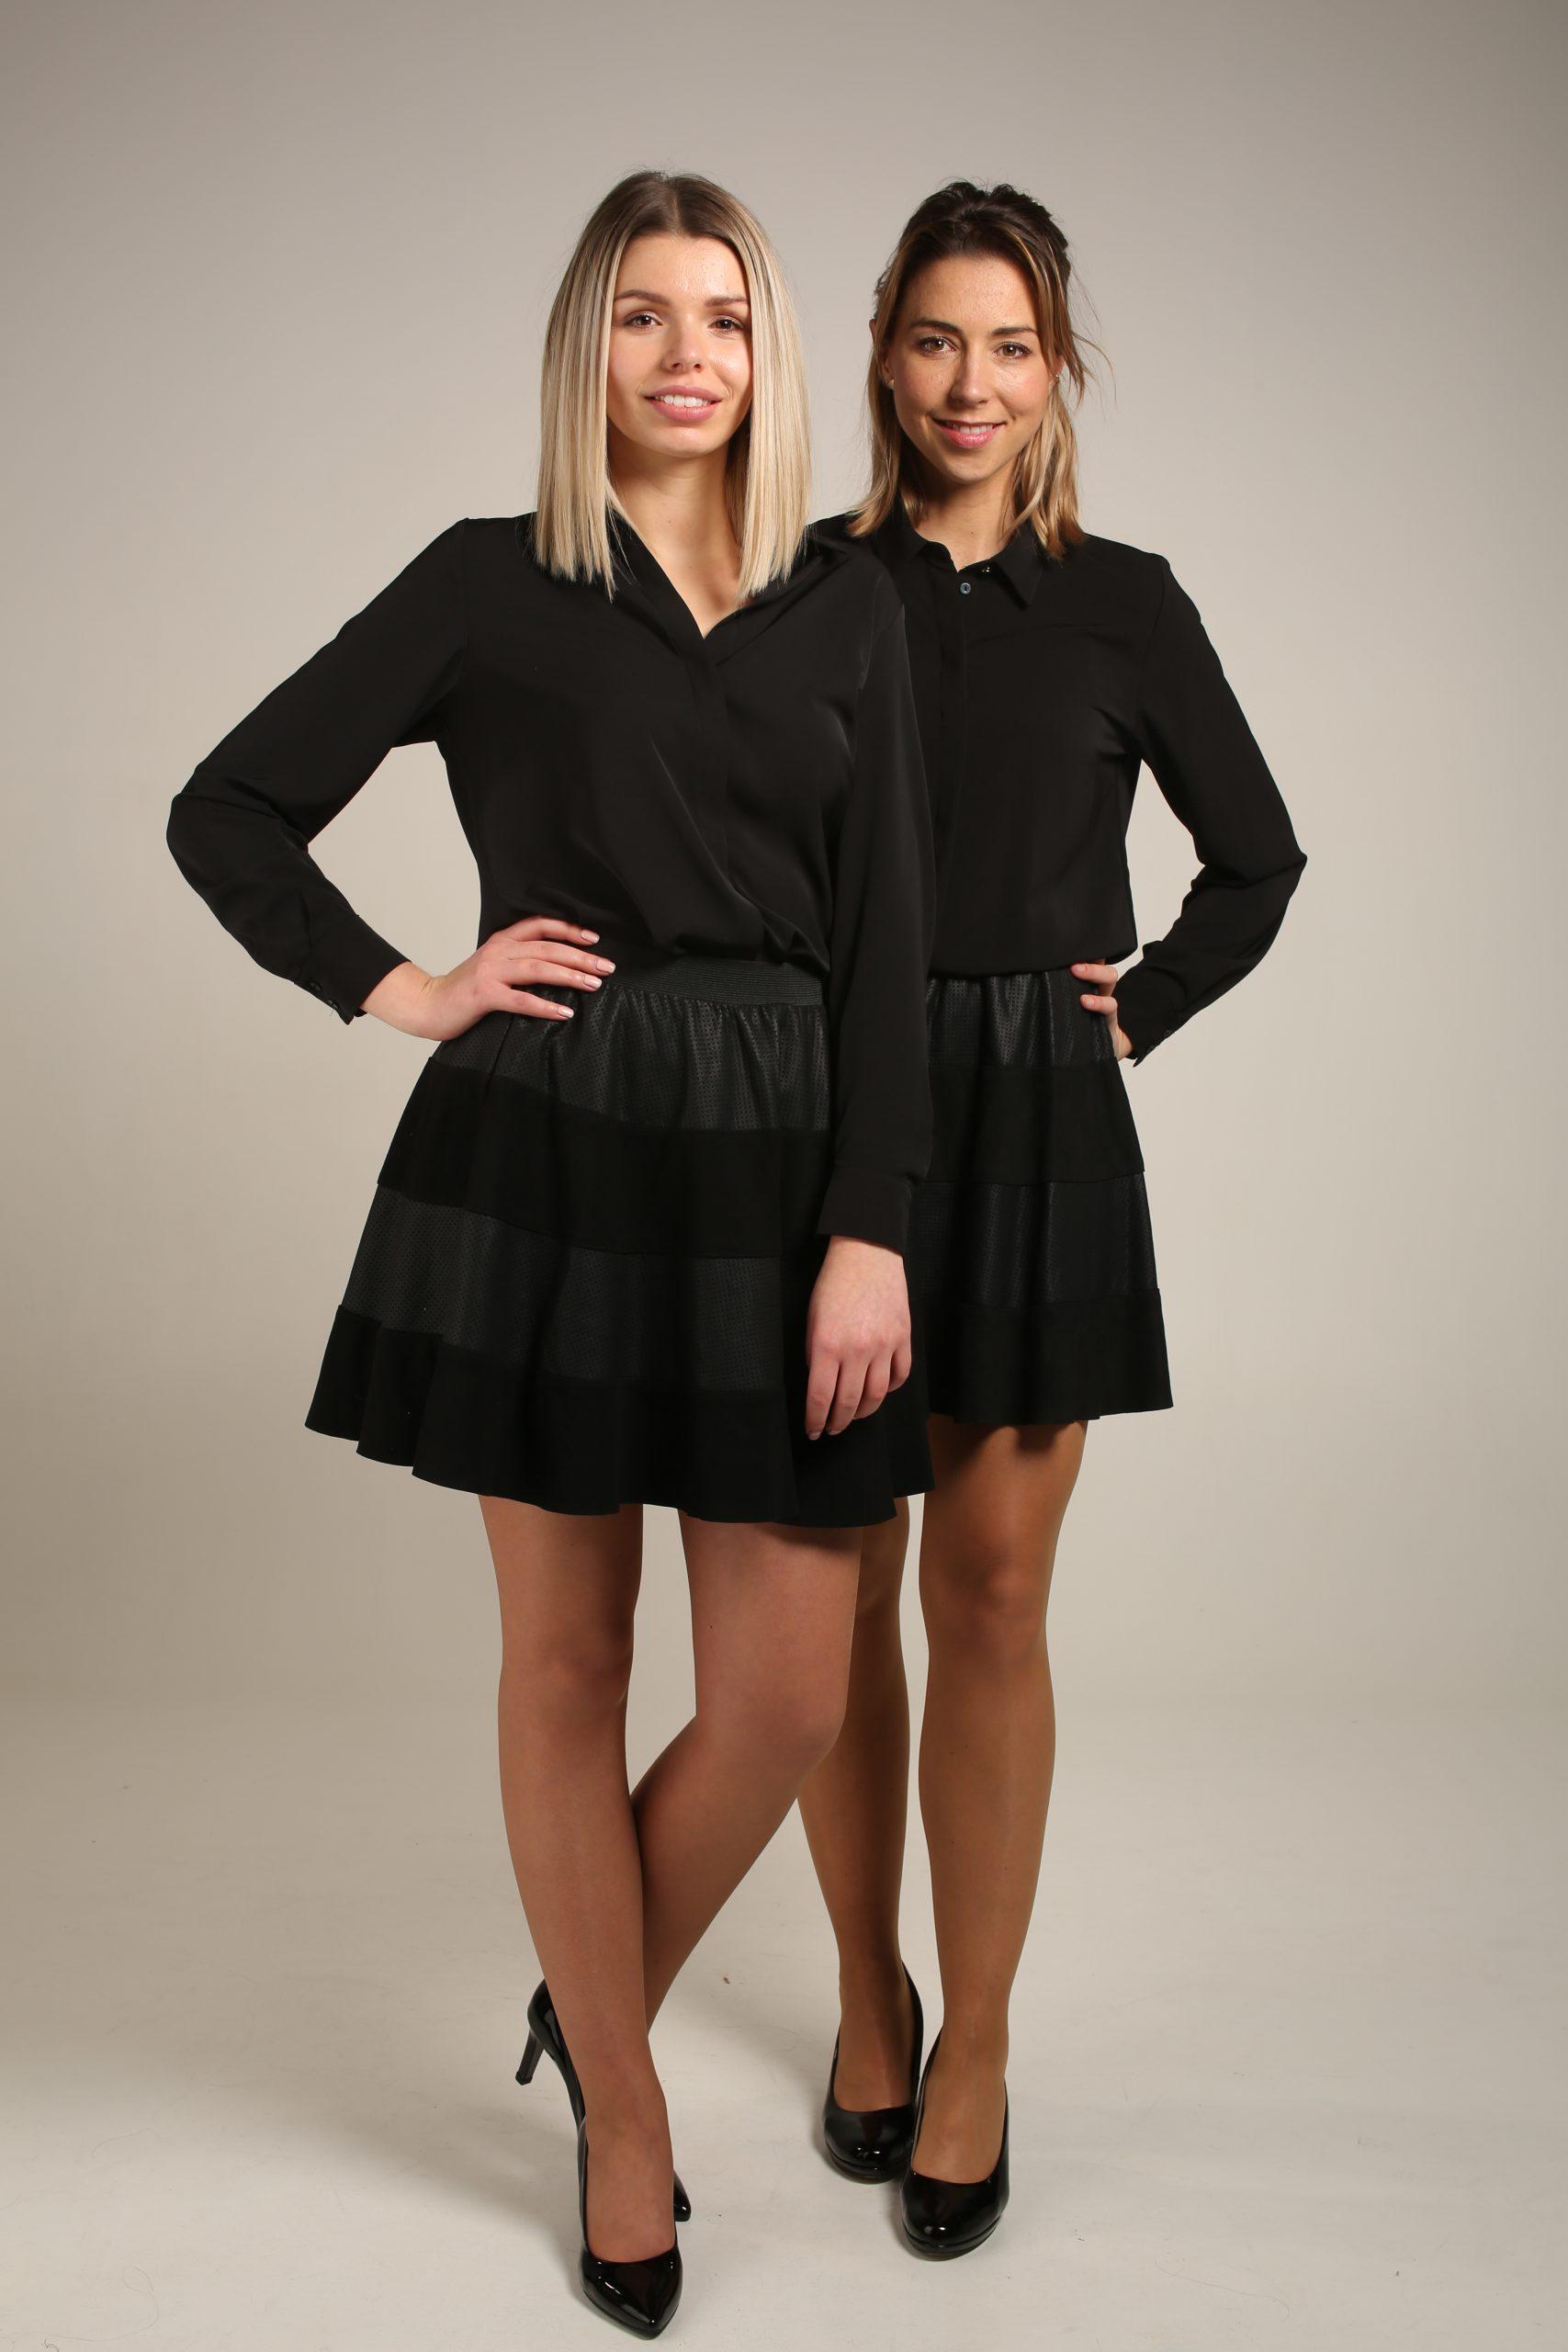 Zwarte rok & Zwarte blouse